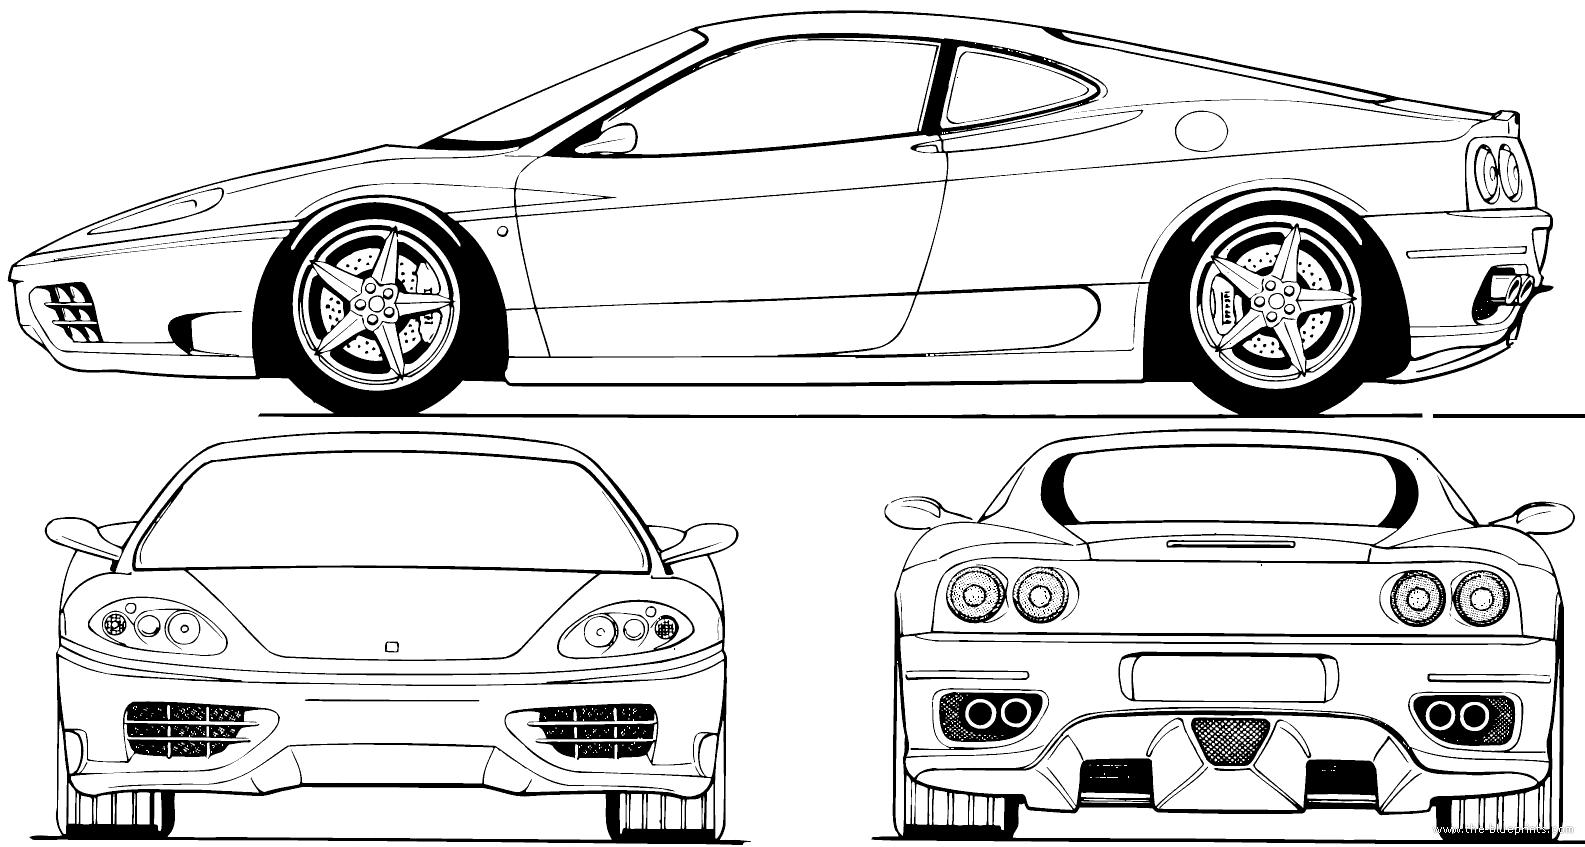 Blueprints > Cars > Ferrari > Ferrari 360 Modena (2000)